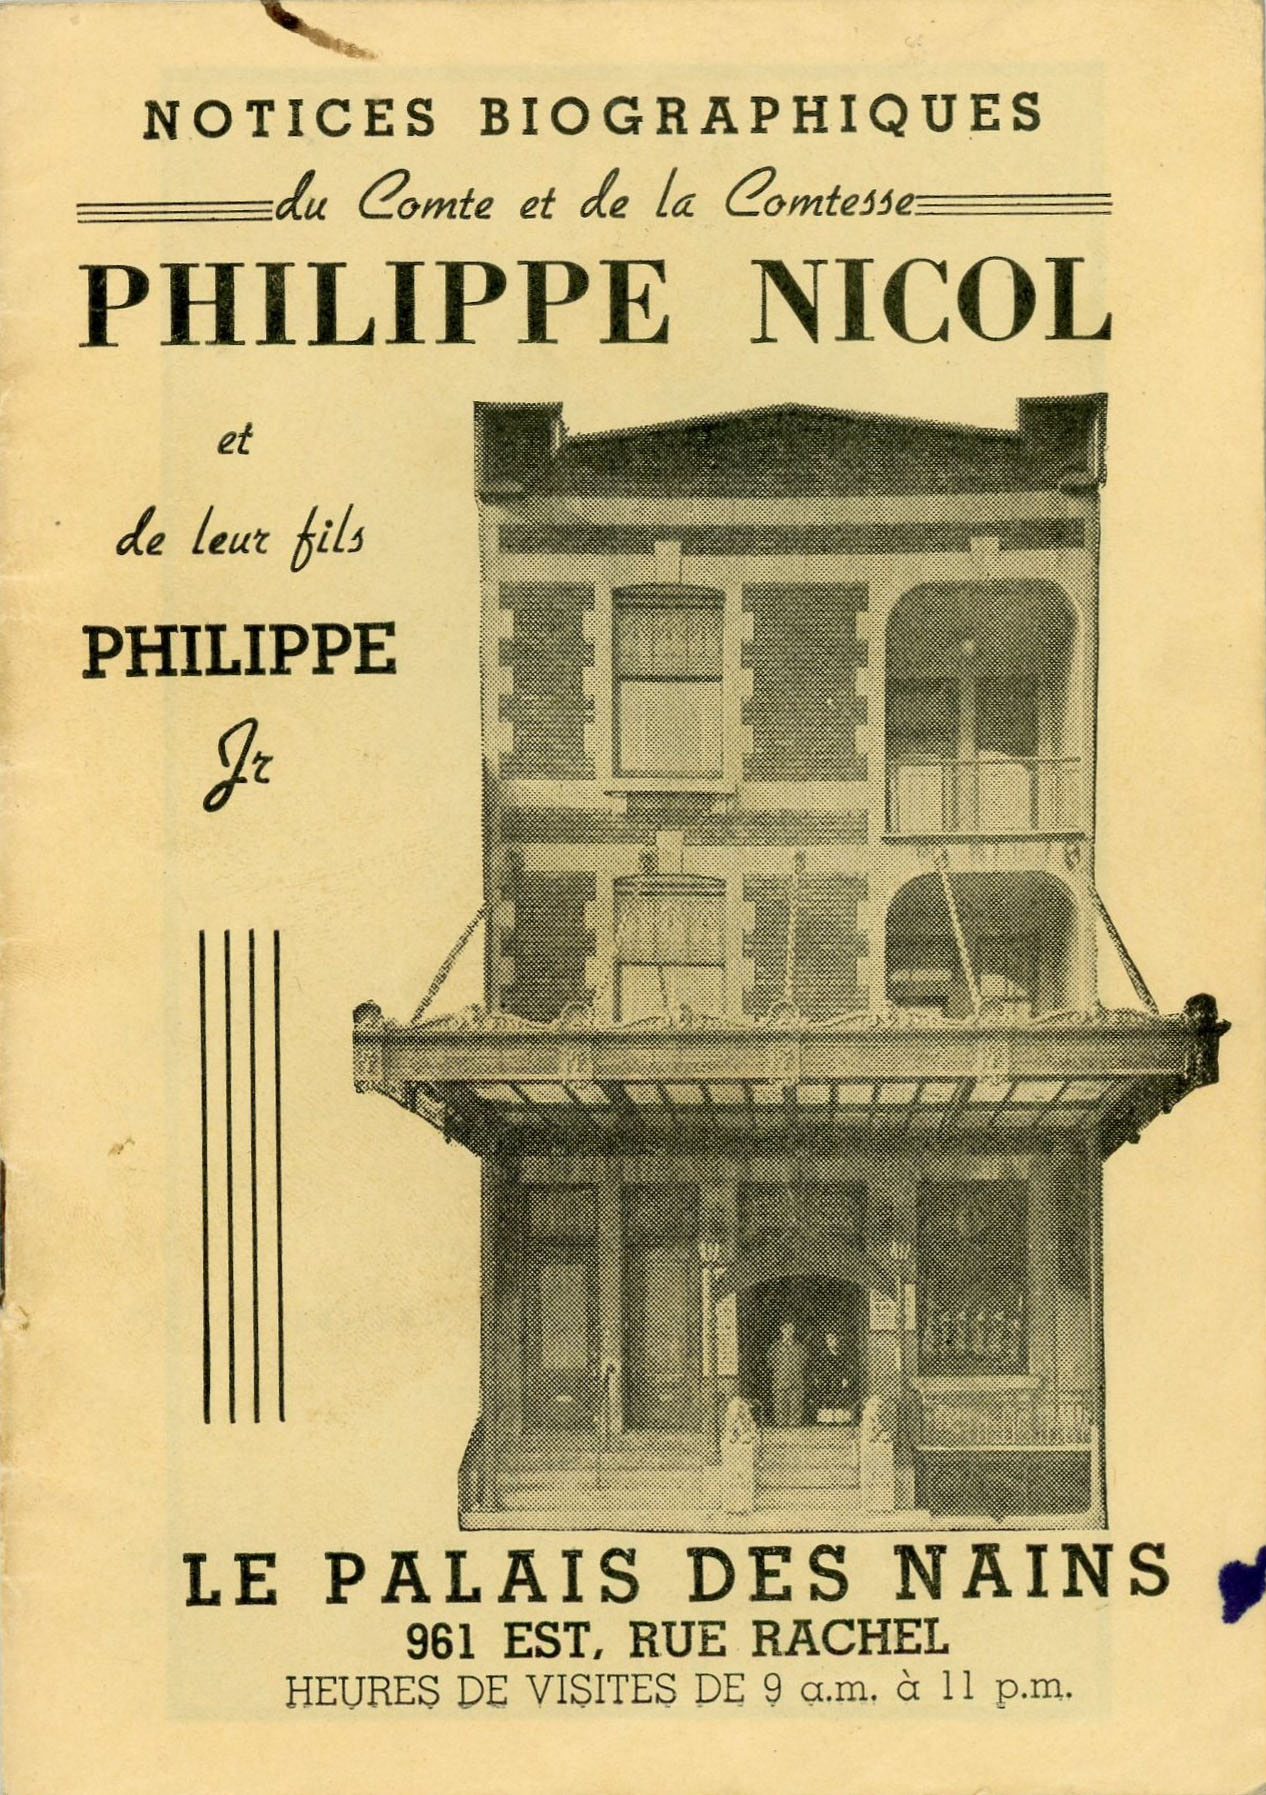 Page couverture d'une brochure montrant la maison du Palais des Nains avec comme titre Notices biographiques du Comte et de la Comptesse Philippe Nicol et de leur fils Philippe Jr